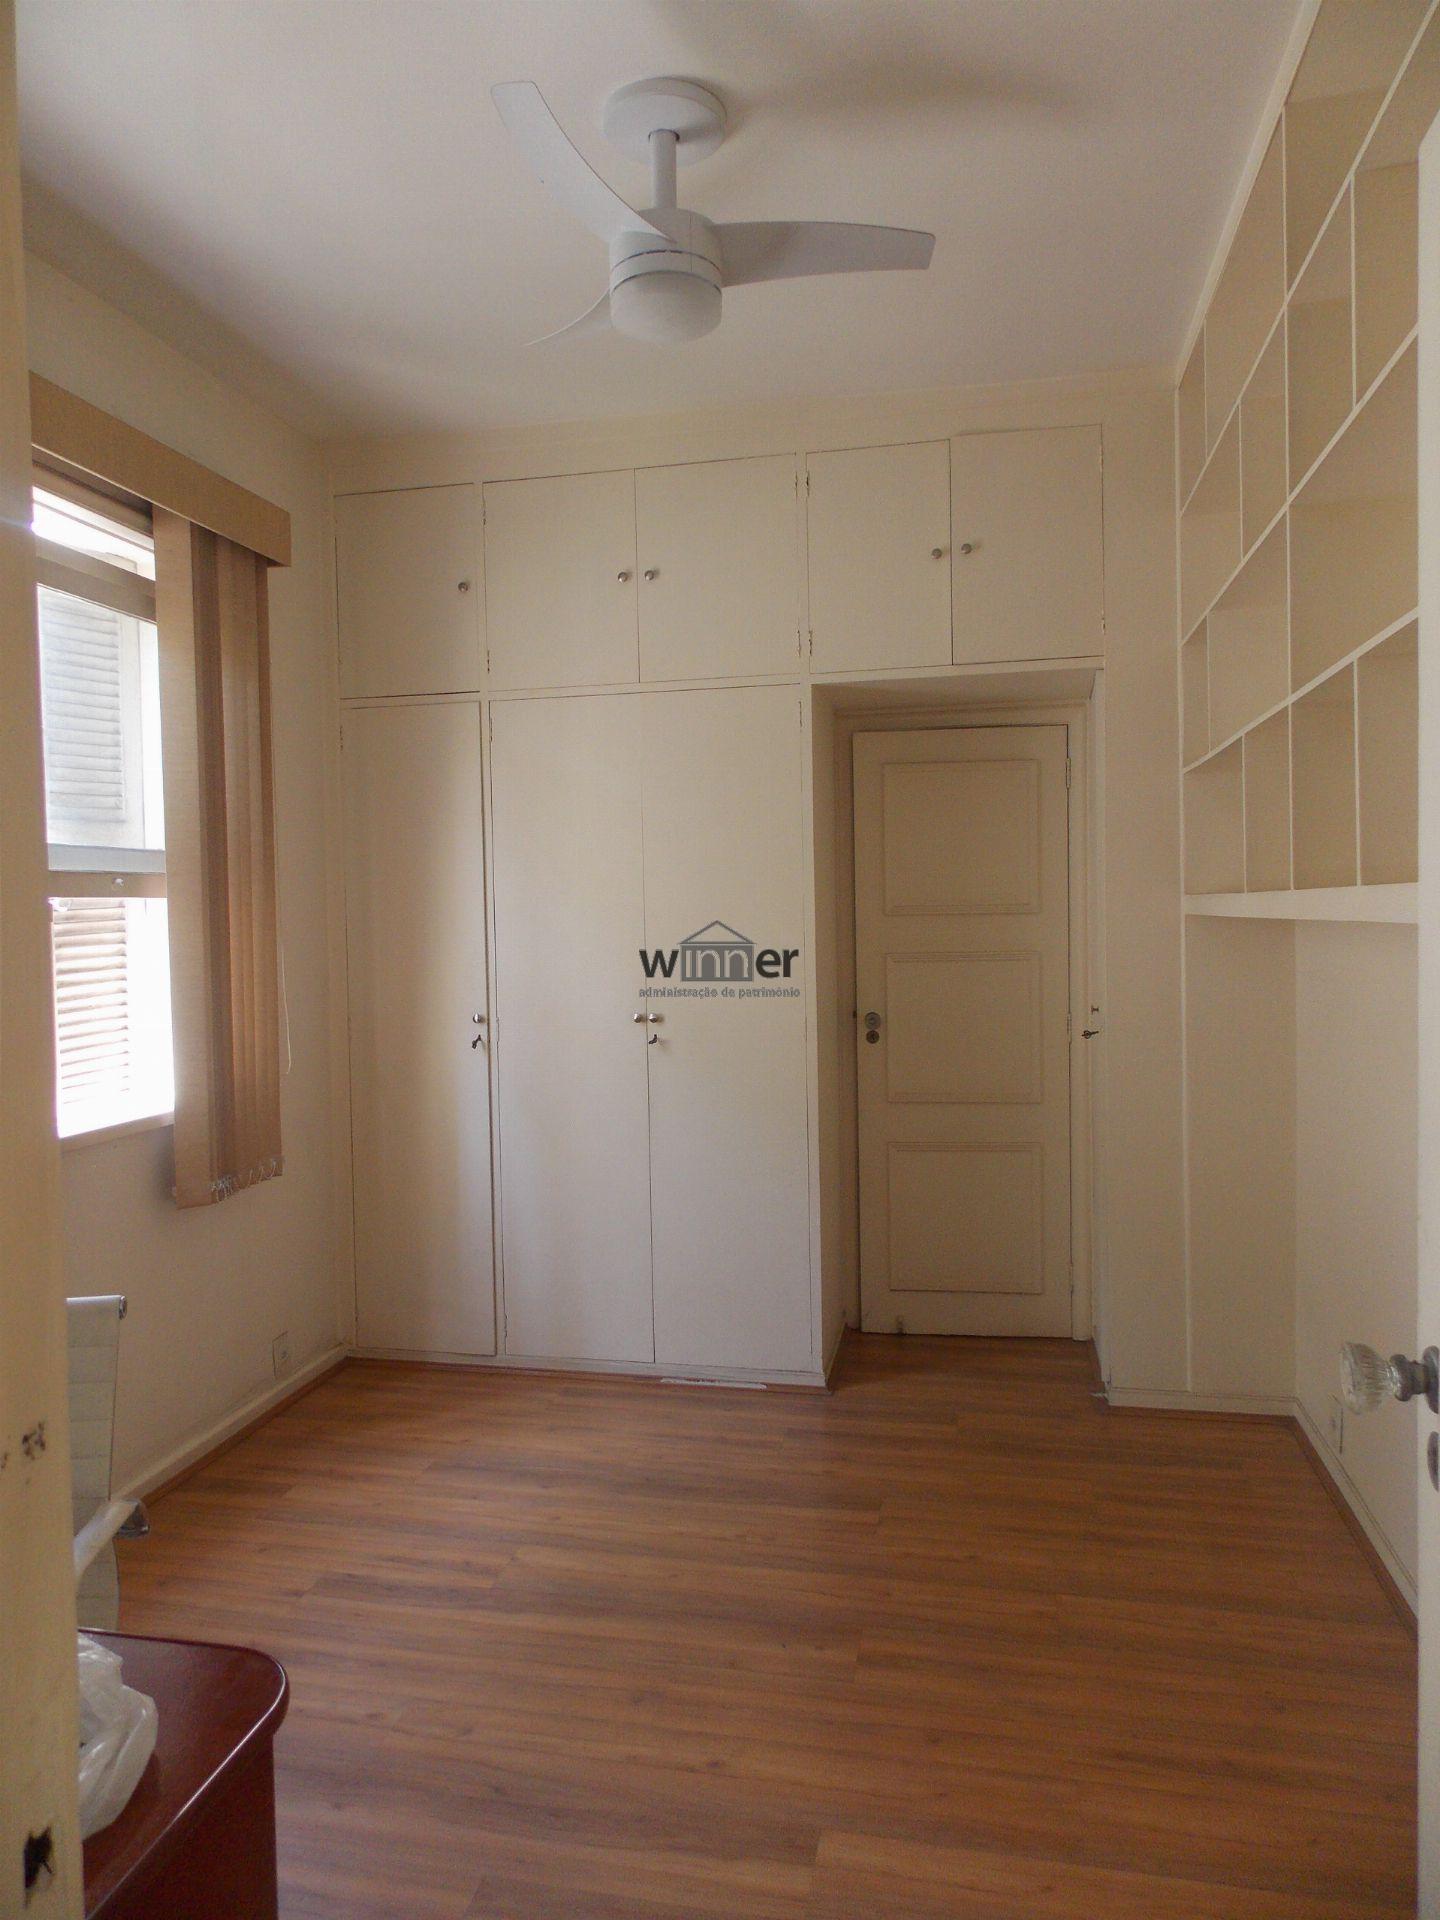 Apartamento para alugar , Santa Teresa, Rio de Janeiro, RJ - 0993-002 - 13